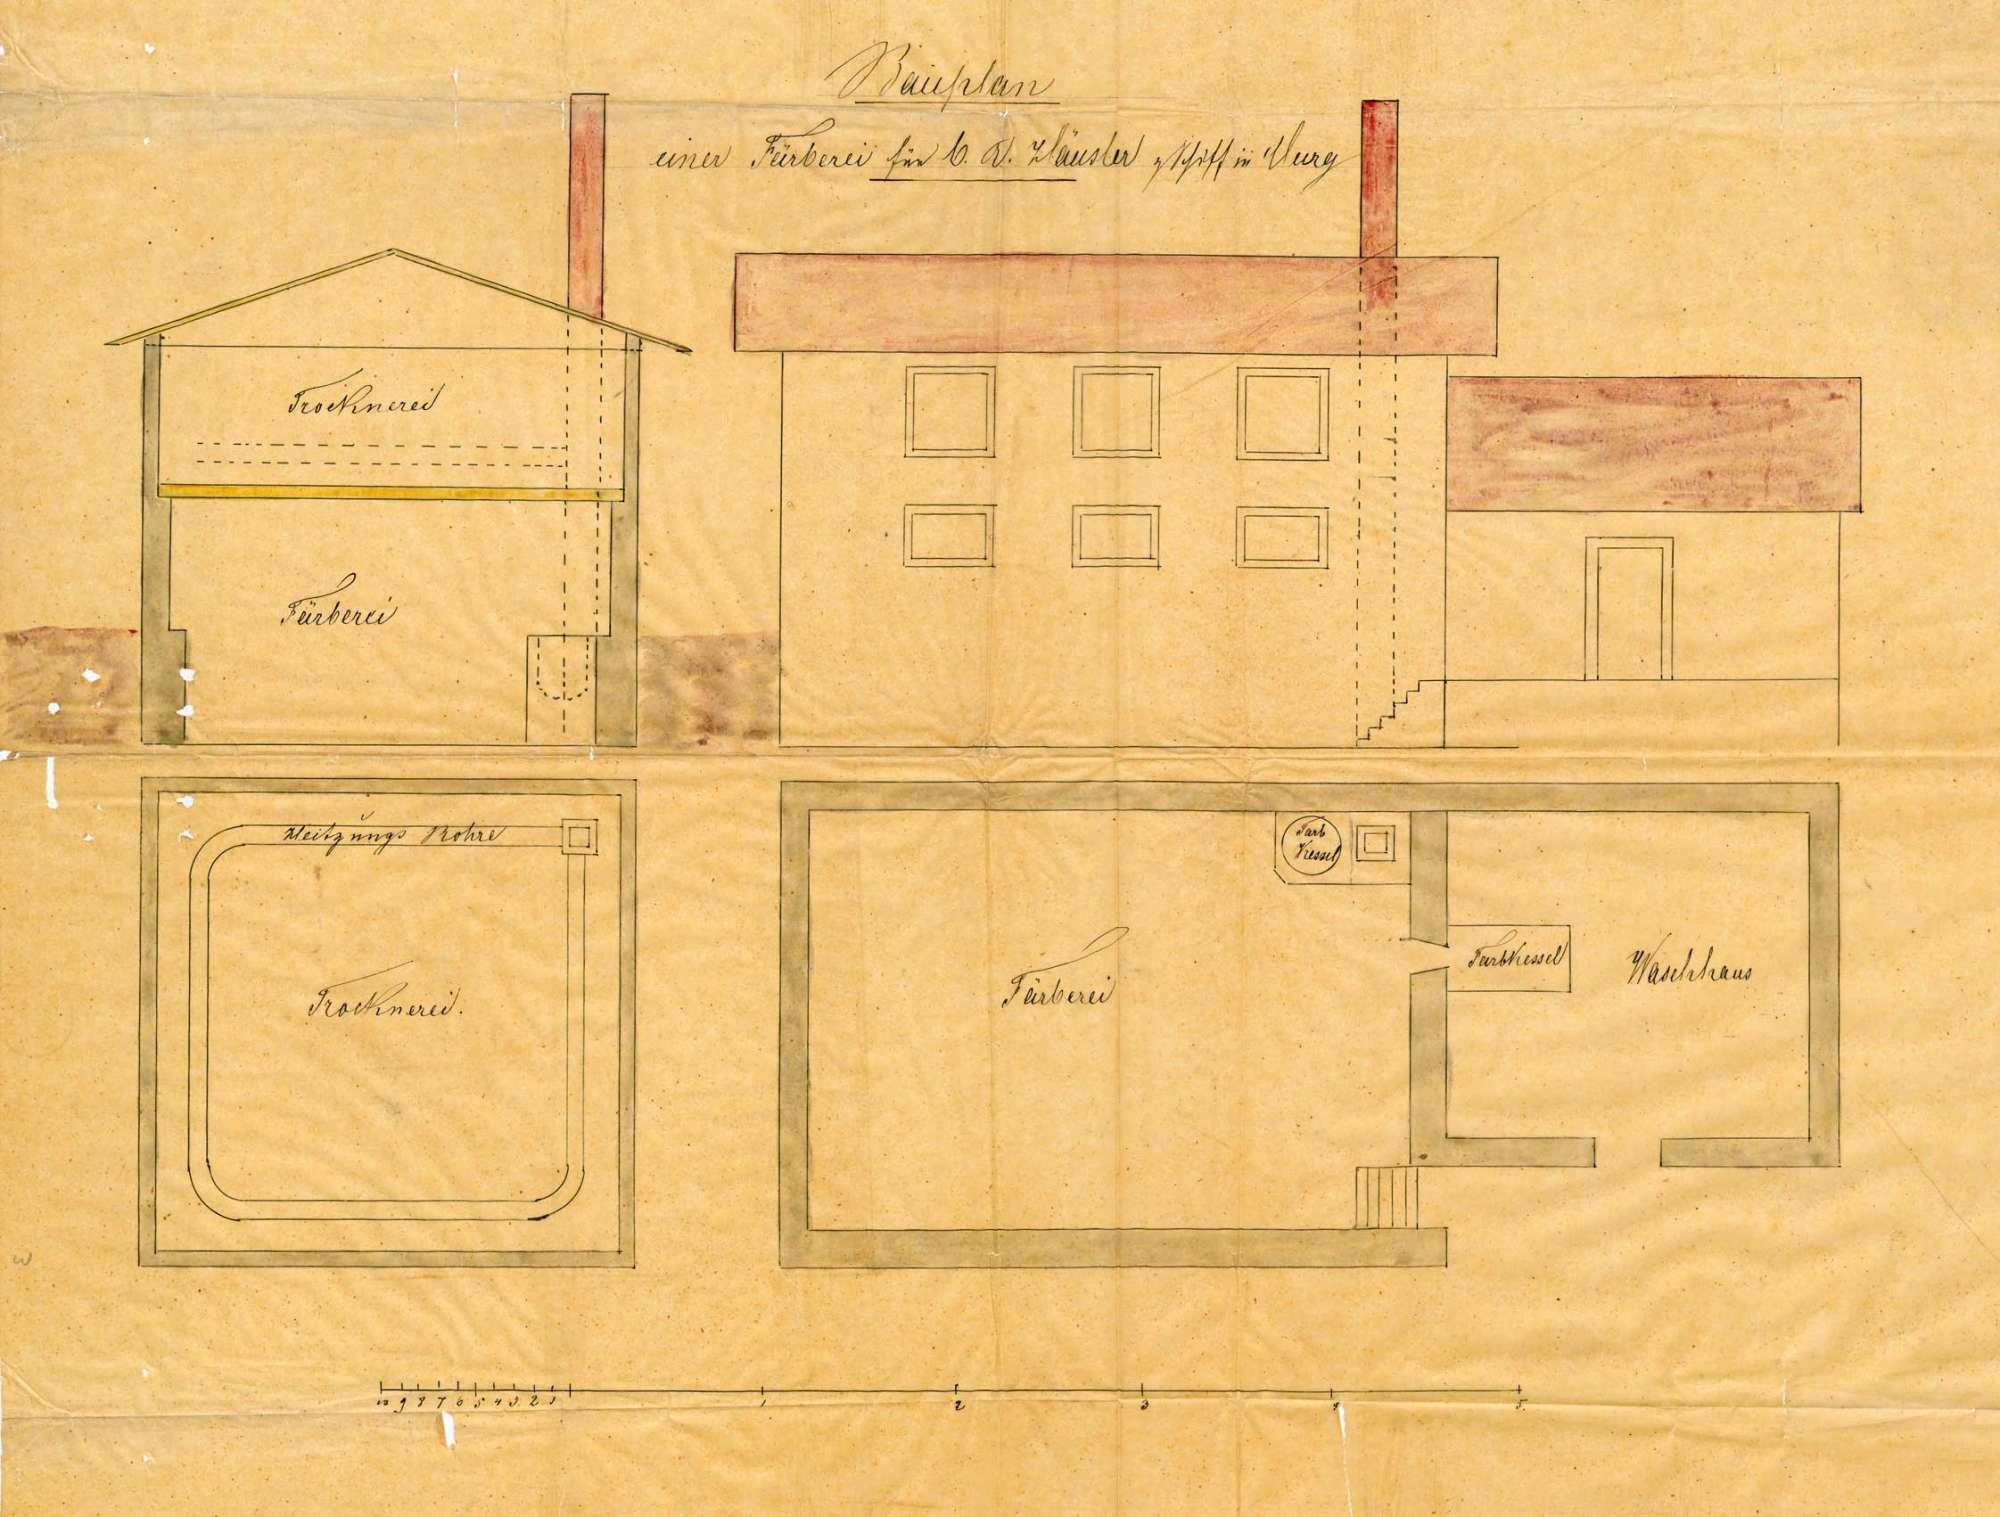 Gesuch des Schiffwirts August Häusler in Murg im Erlaubnis zur Errichtung einer Bleiche und Färberei, Bild 1